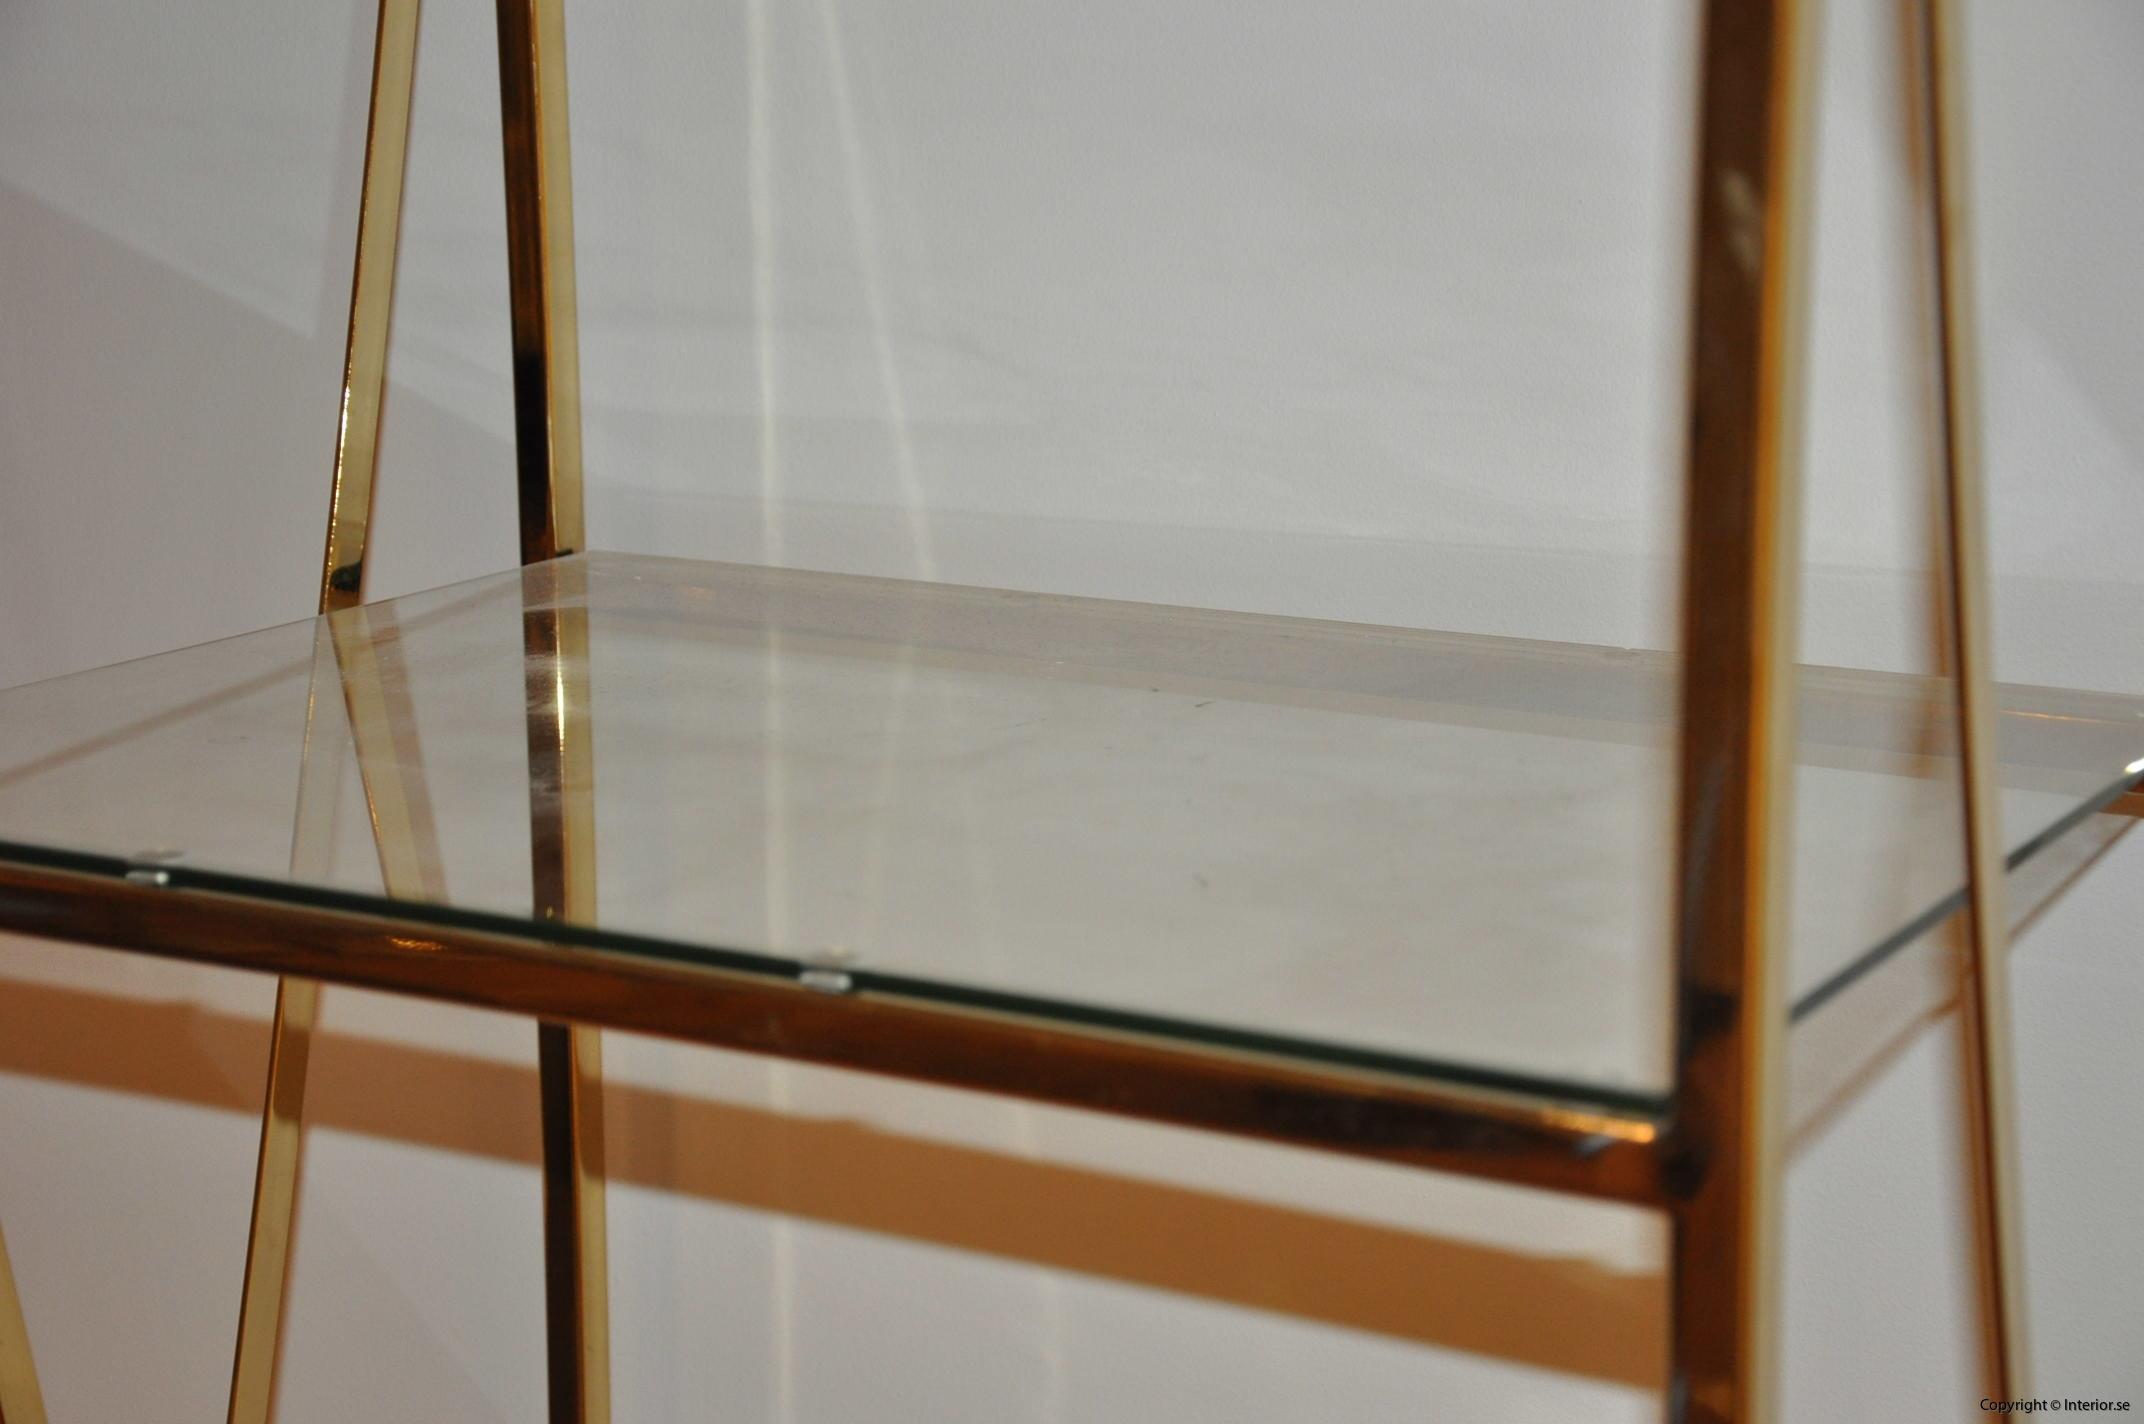 hylla glashylla mässing glas förvaring desingmöbler (5)